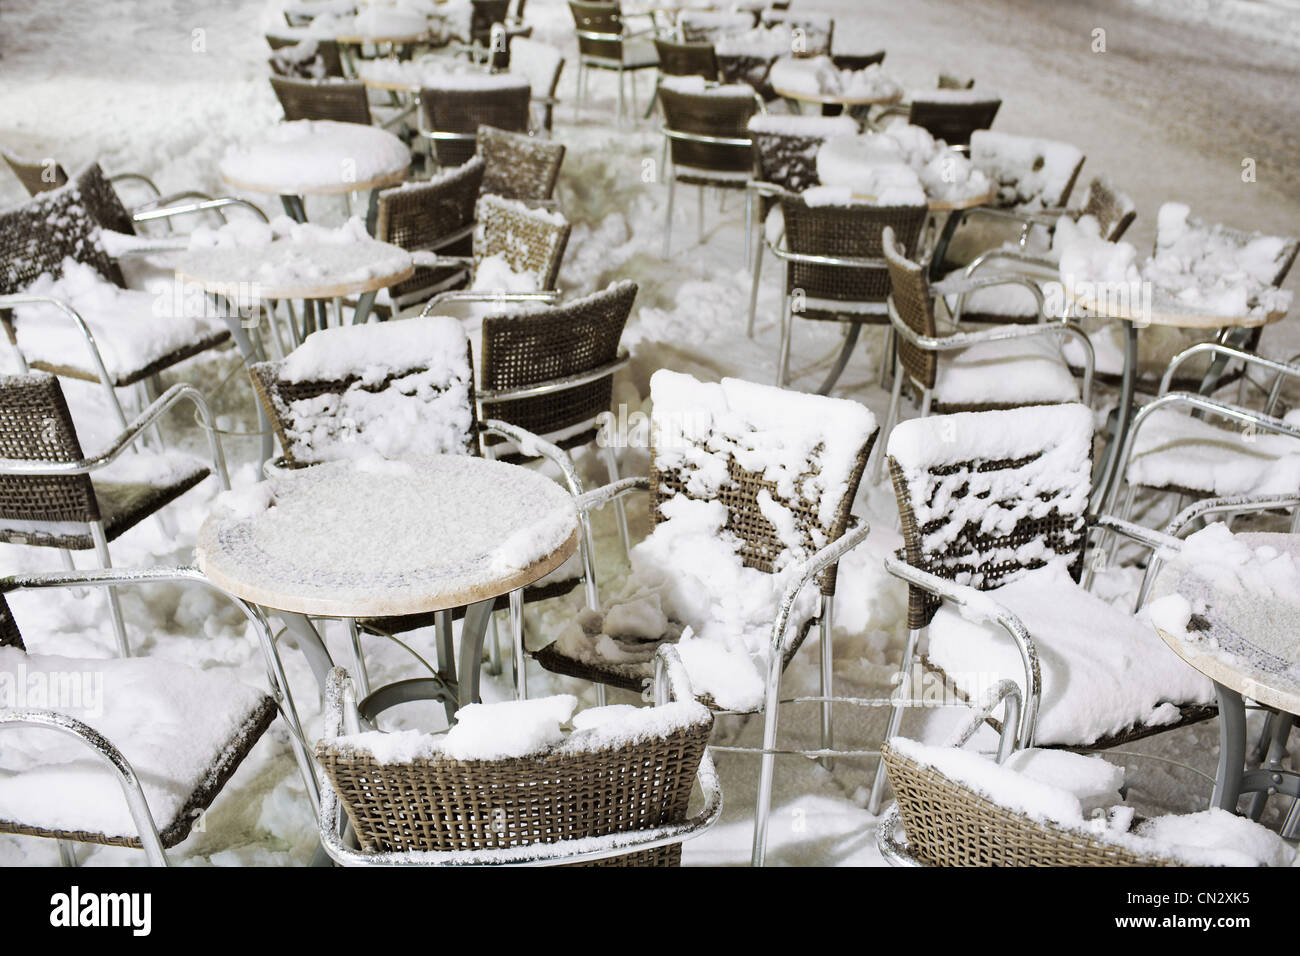 Cafe Möbel mit Schnee bedeckt Stockbild